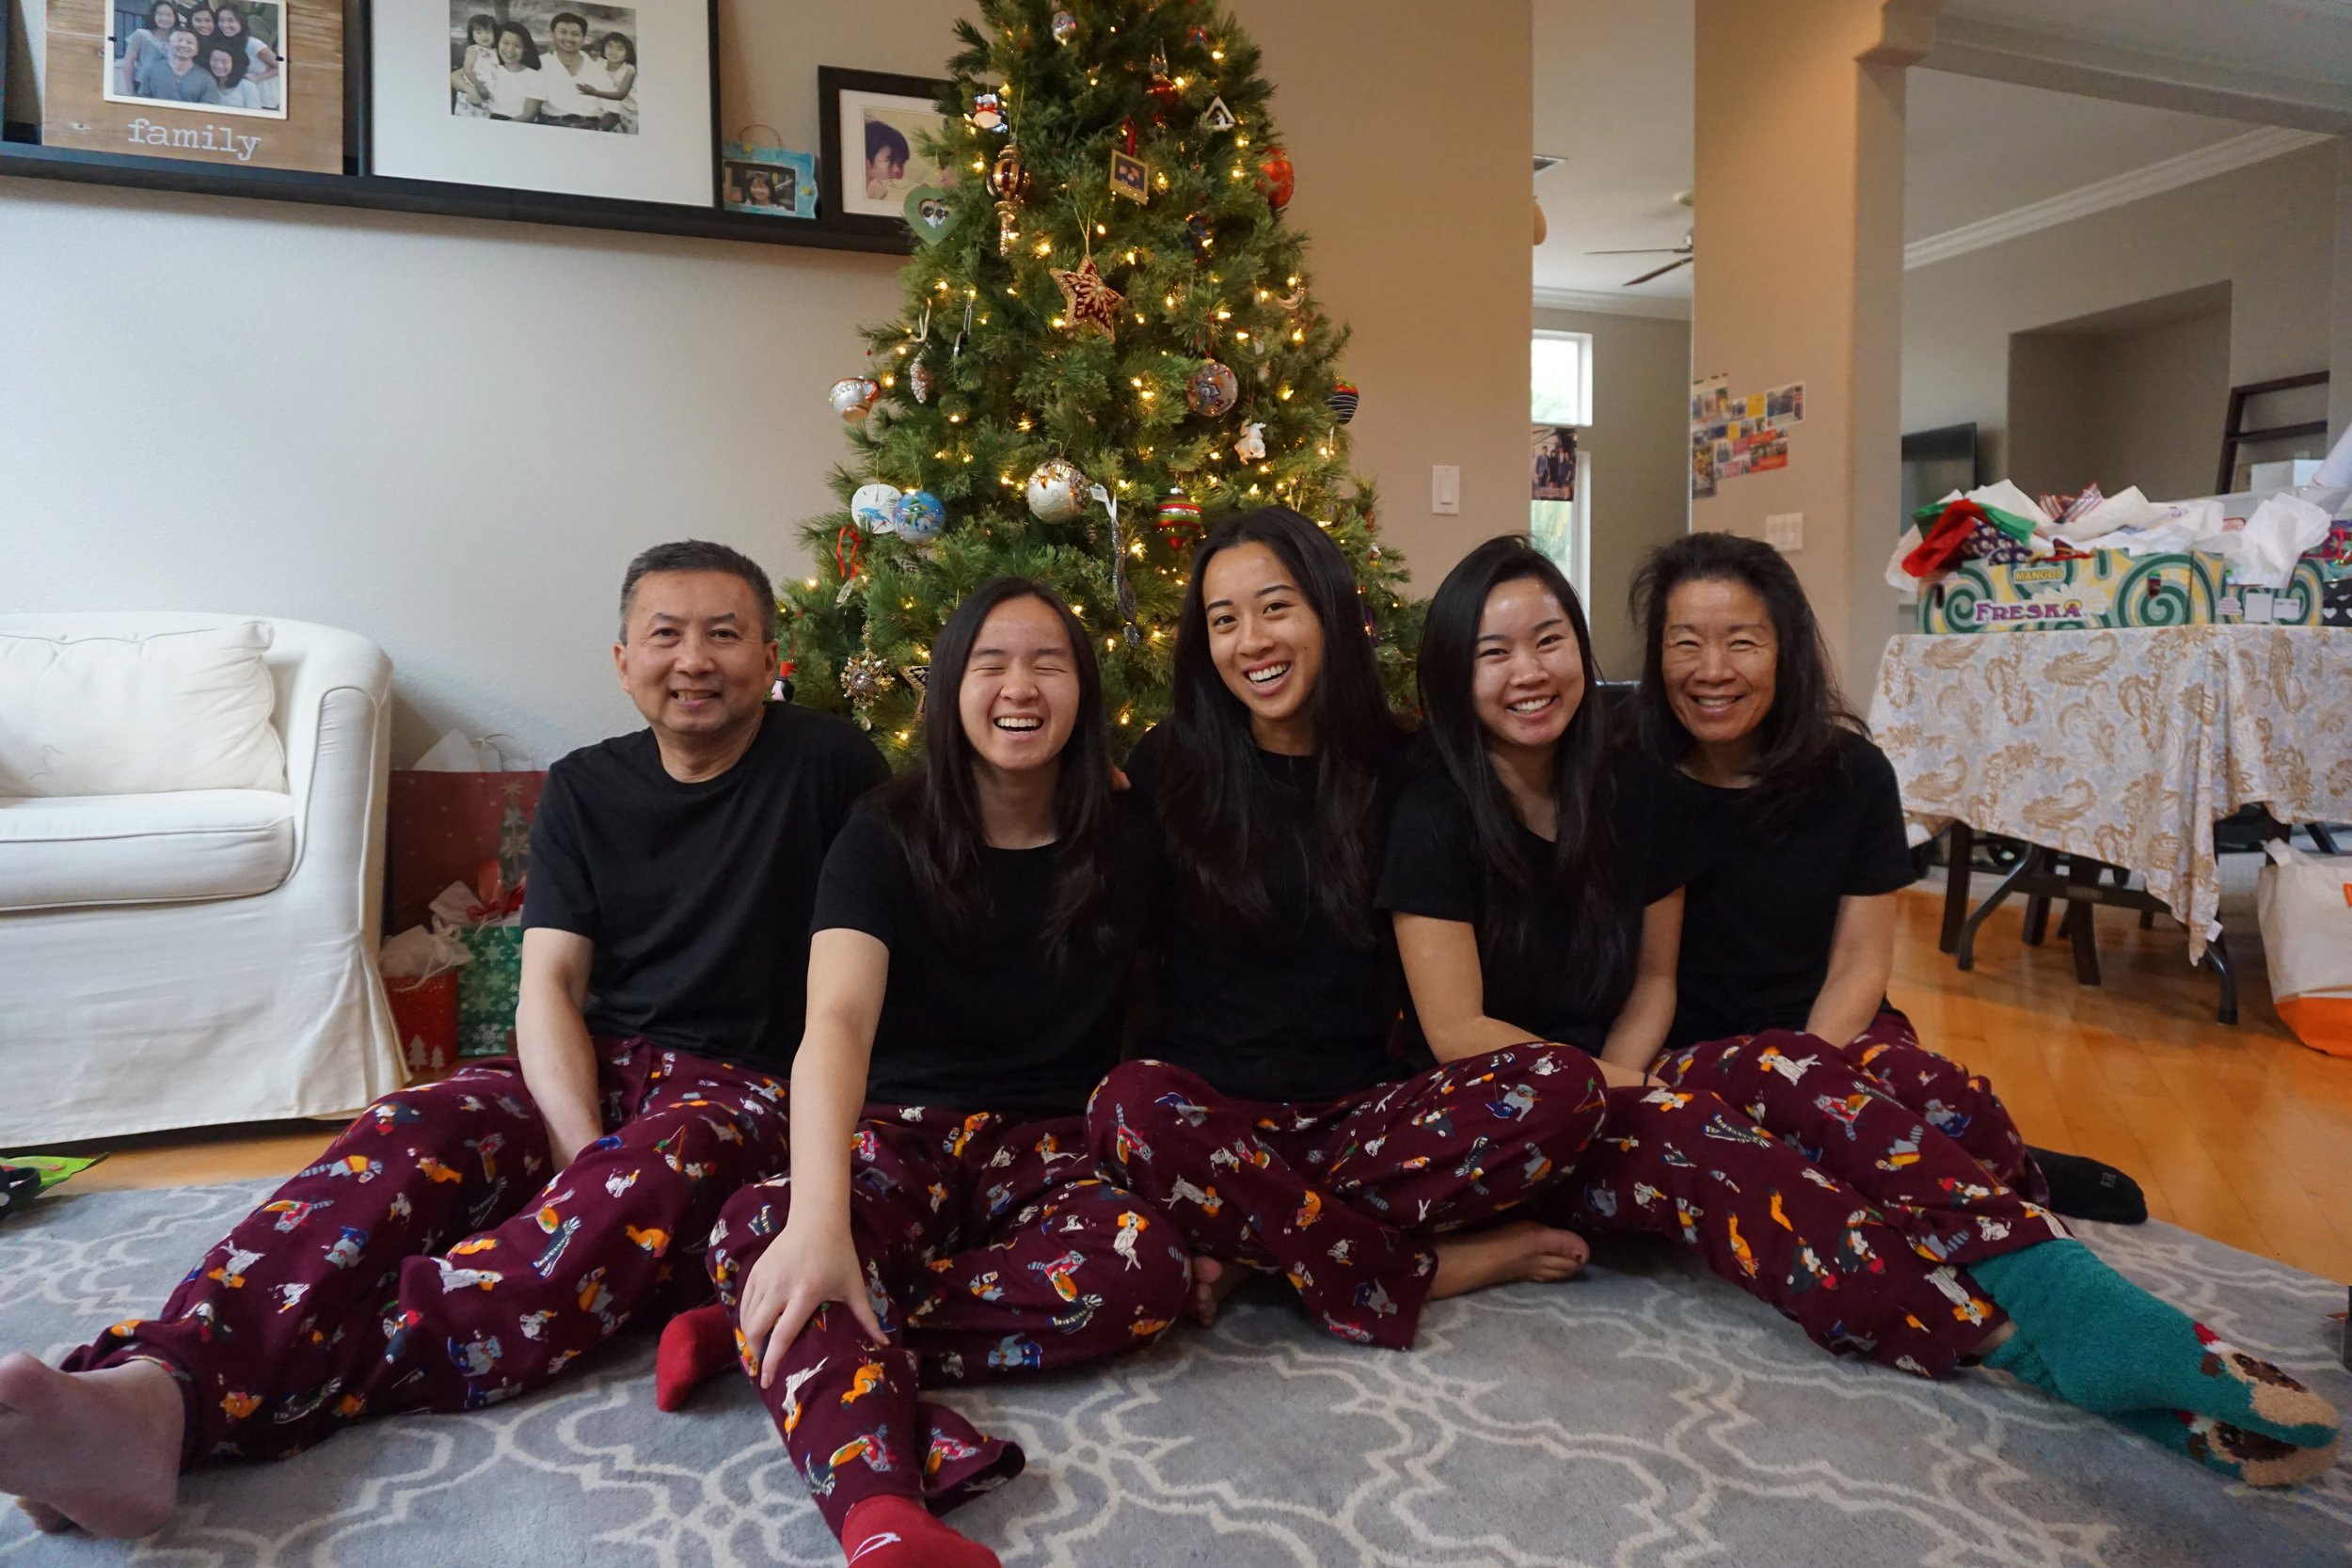 My family's annual Christmas pajama photo